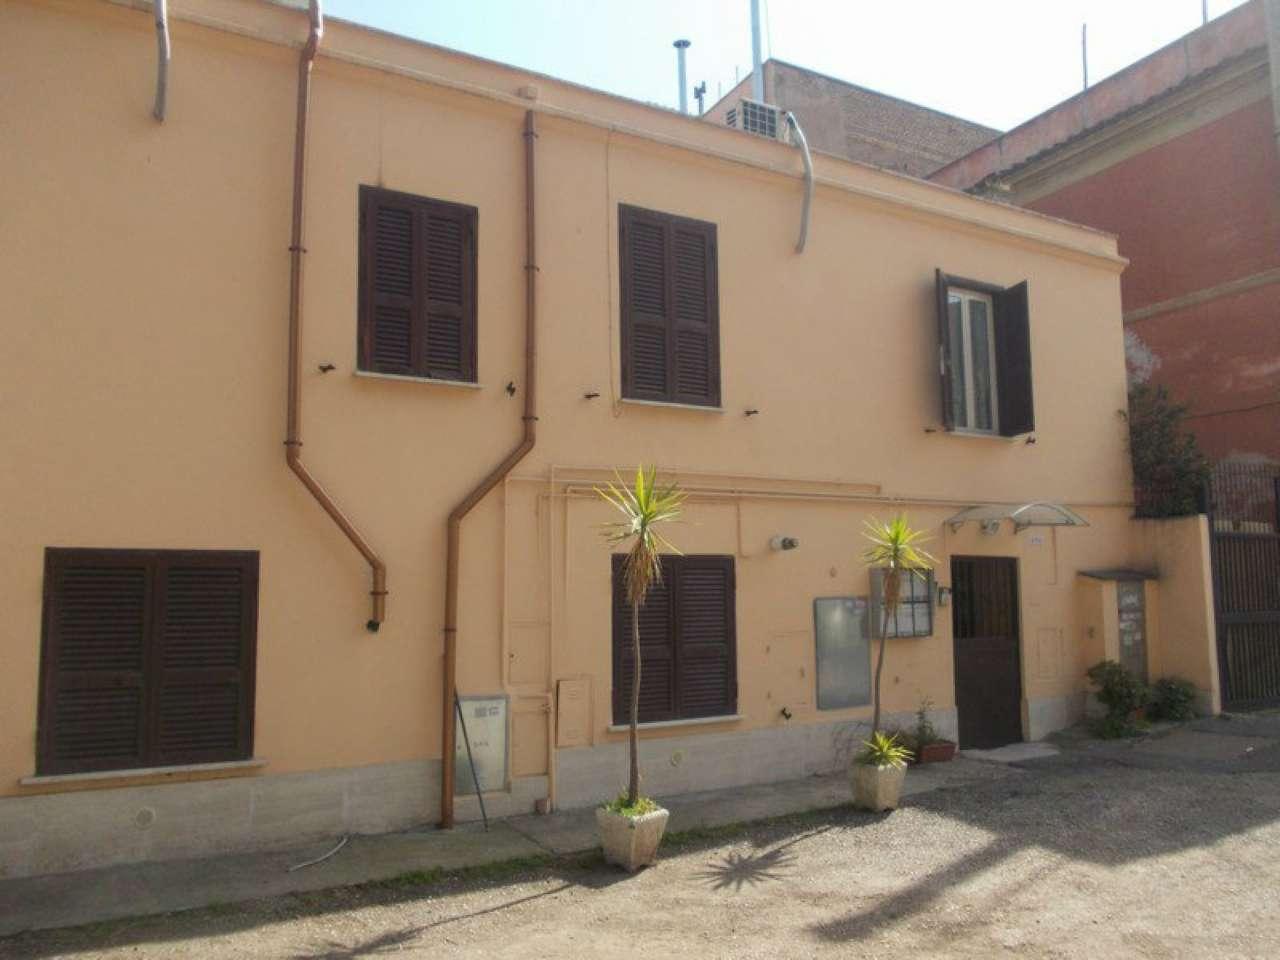 Bilocale vendita roma zona pigneto for Planimetrie della casetta con seminterrato di sciopero